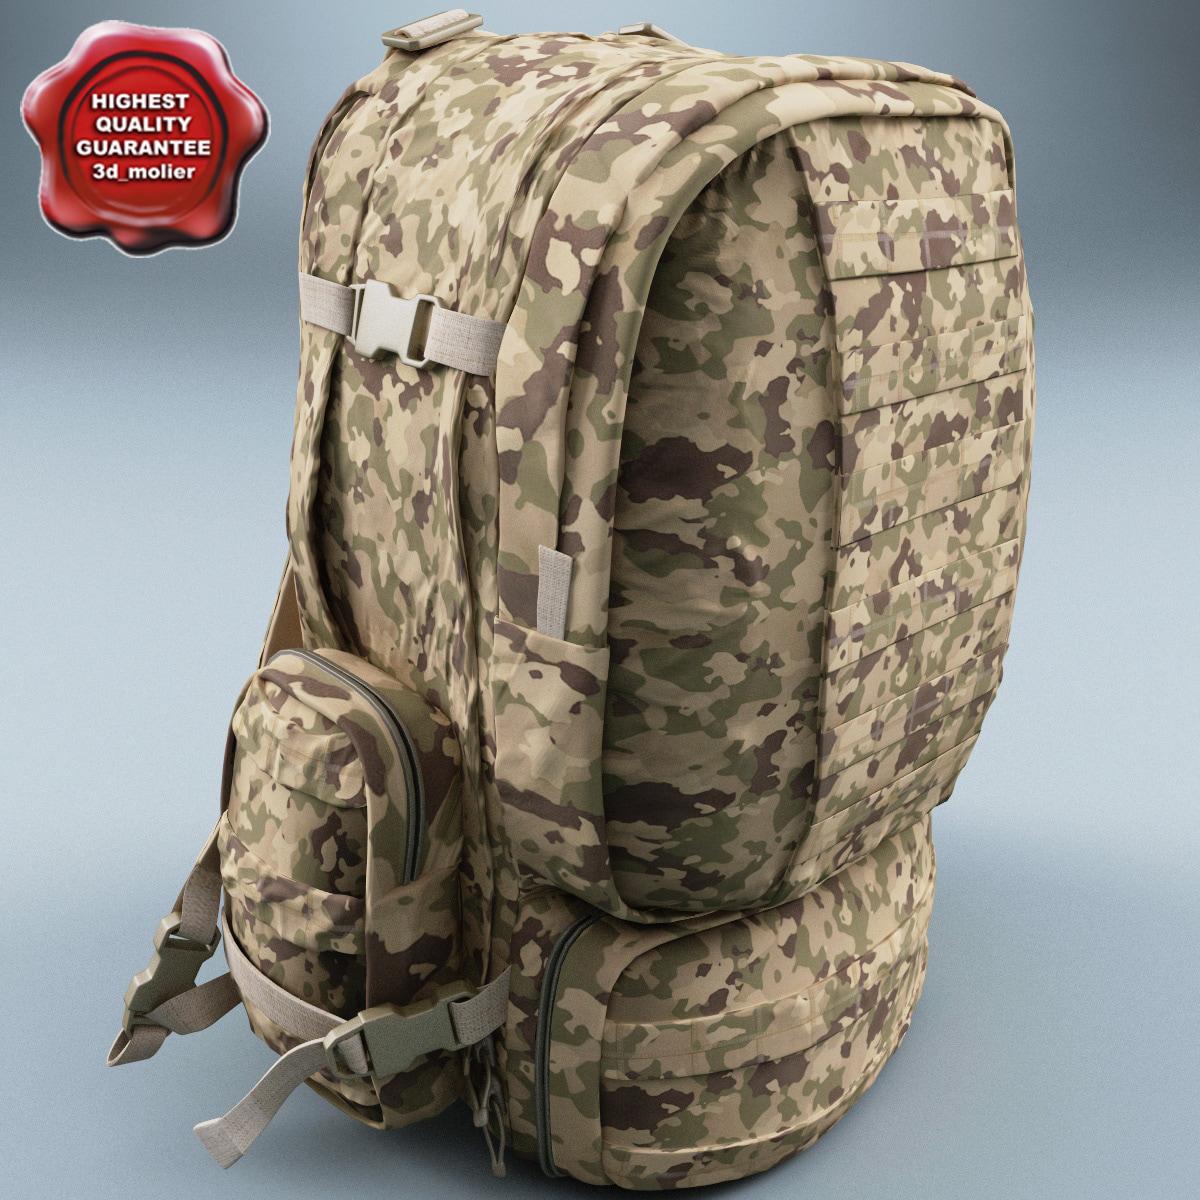 Military_Backpack_00.jpg